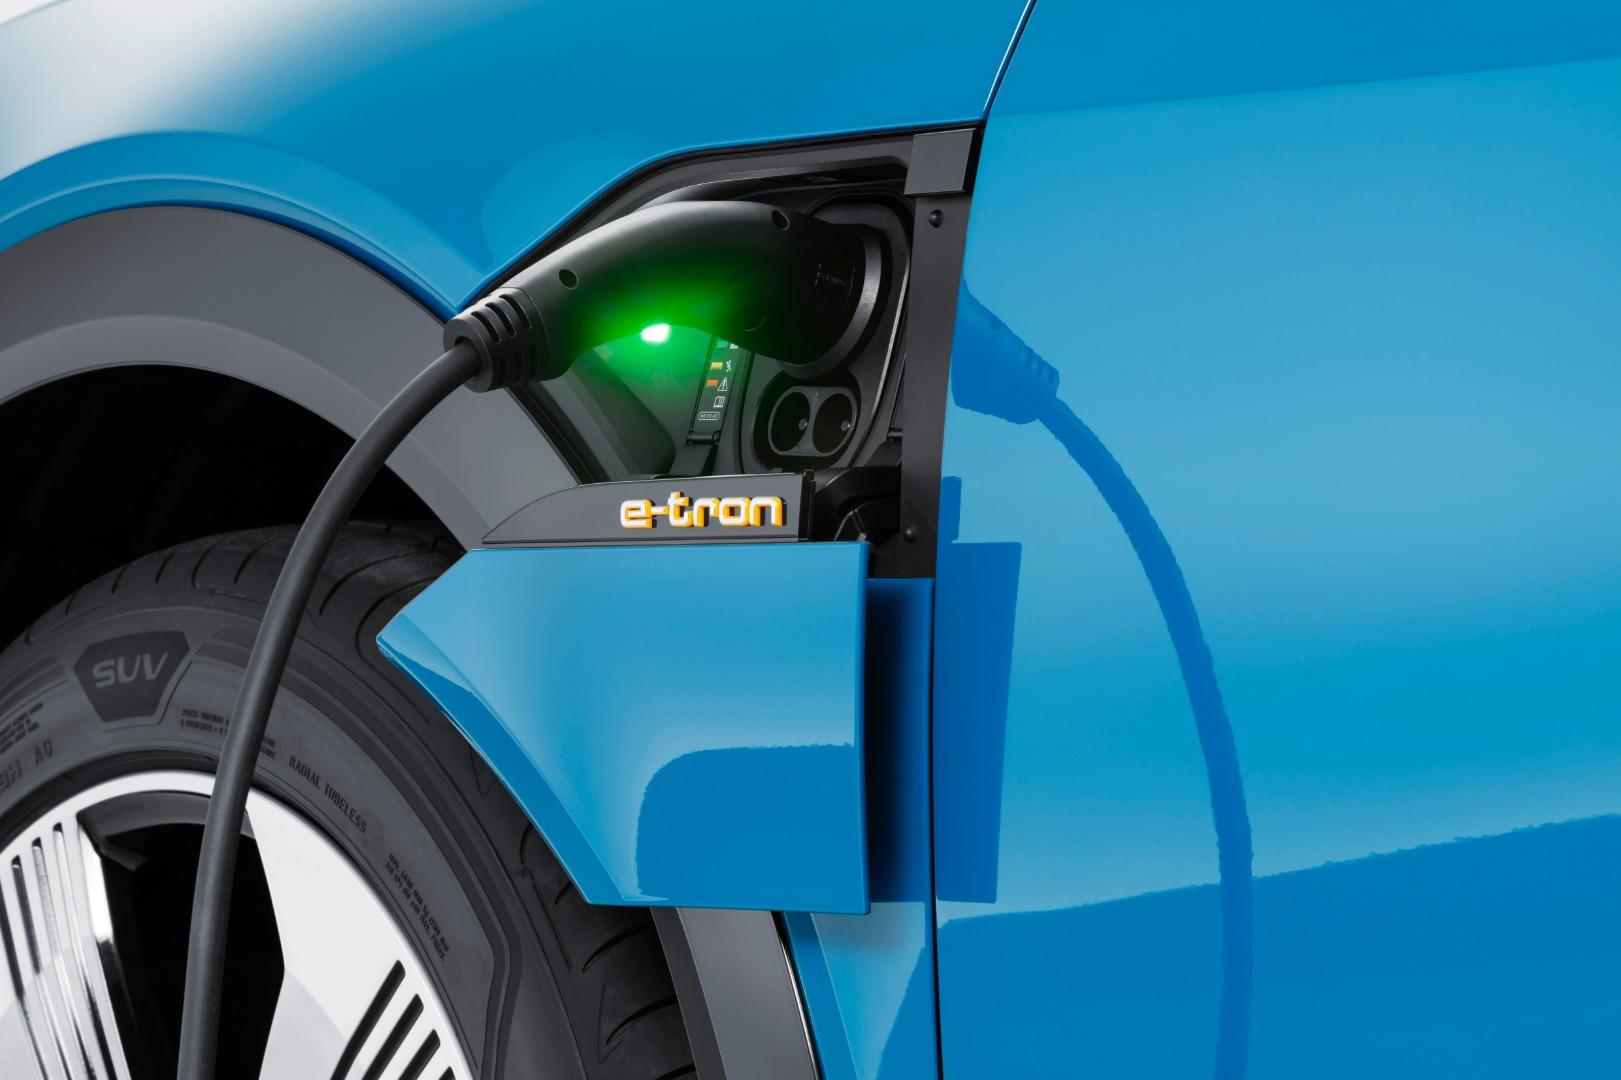 Vehículos eléctricos: qué son y todas sus ventajas